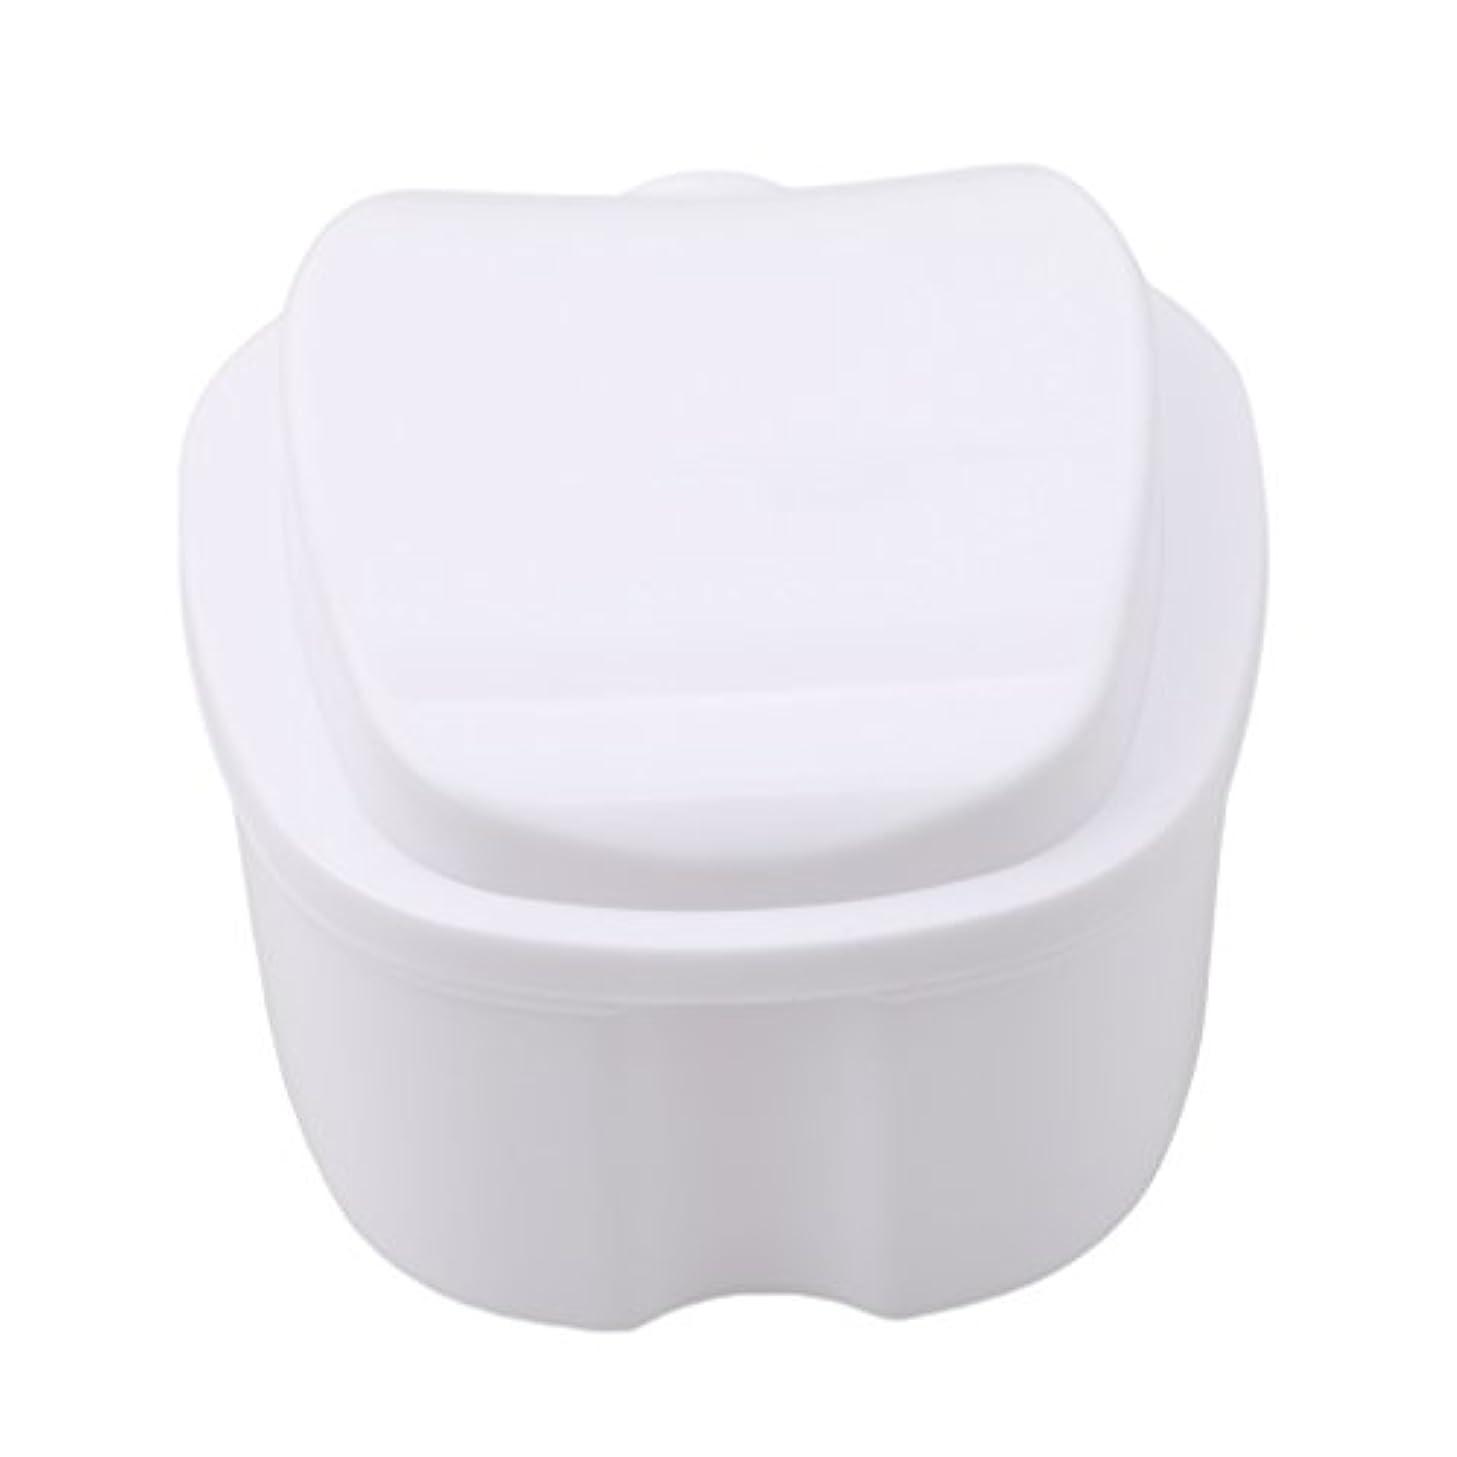 内部橋脚本部Honel 収納ボックス 義歯収納用 リテーナーケース りんご柄 ホワイト